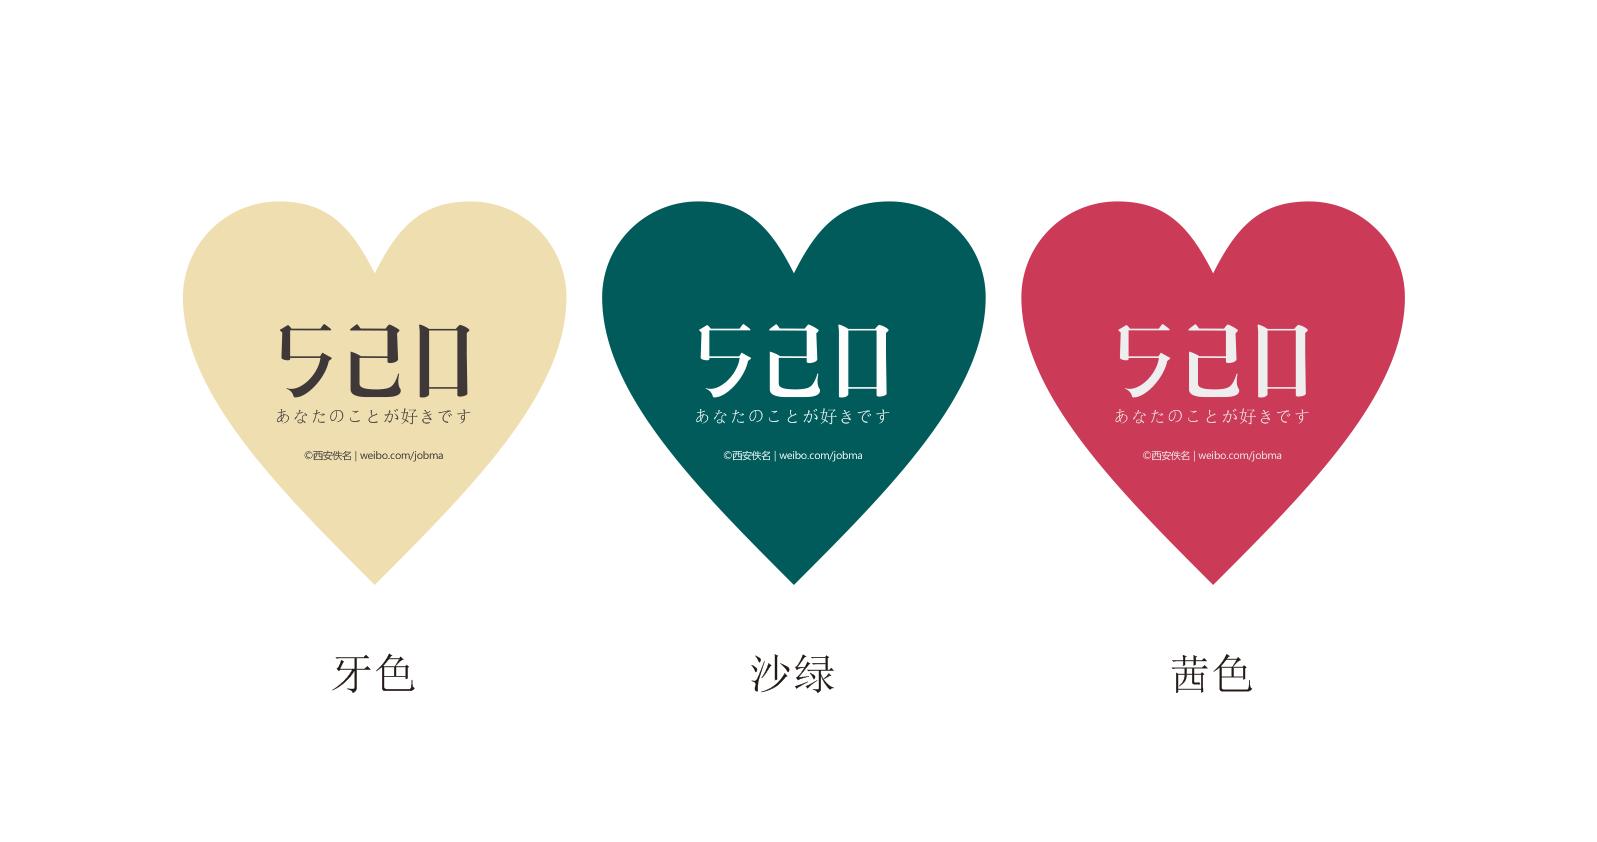 2015 520我爱你